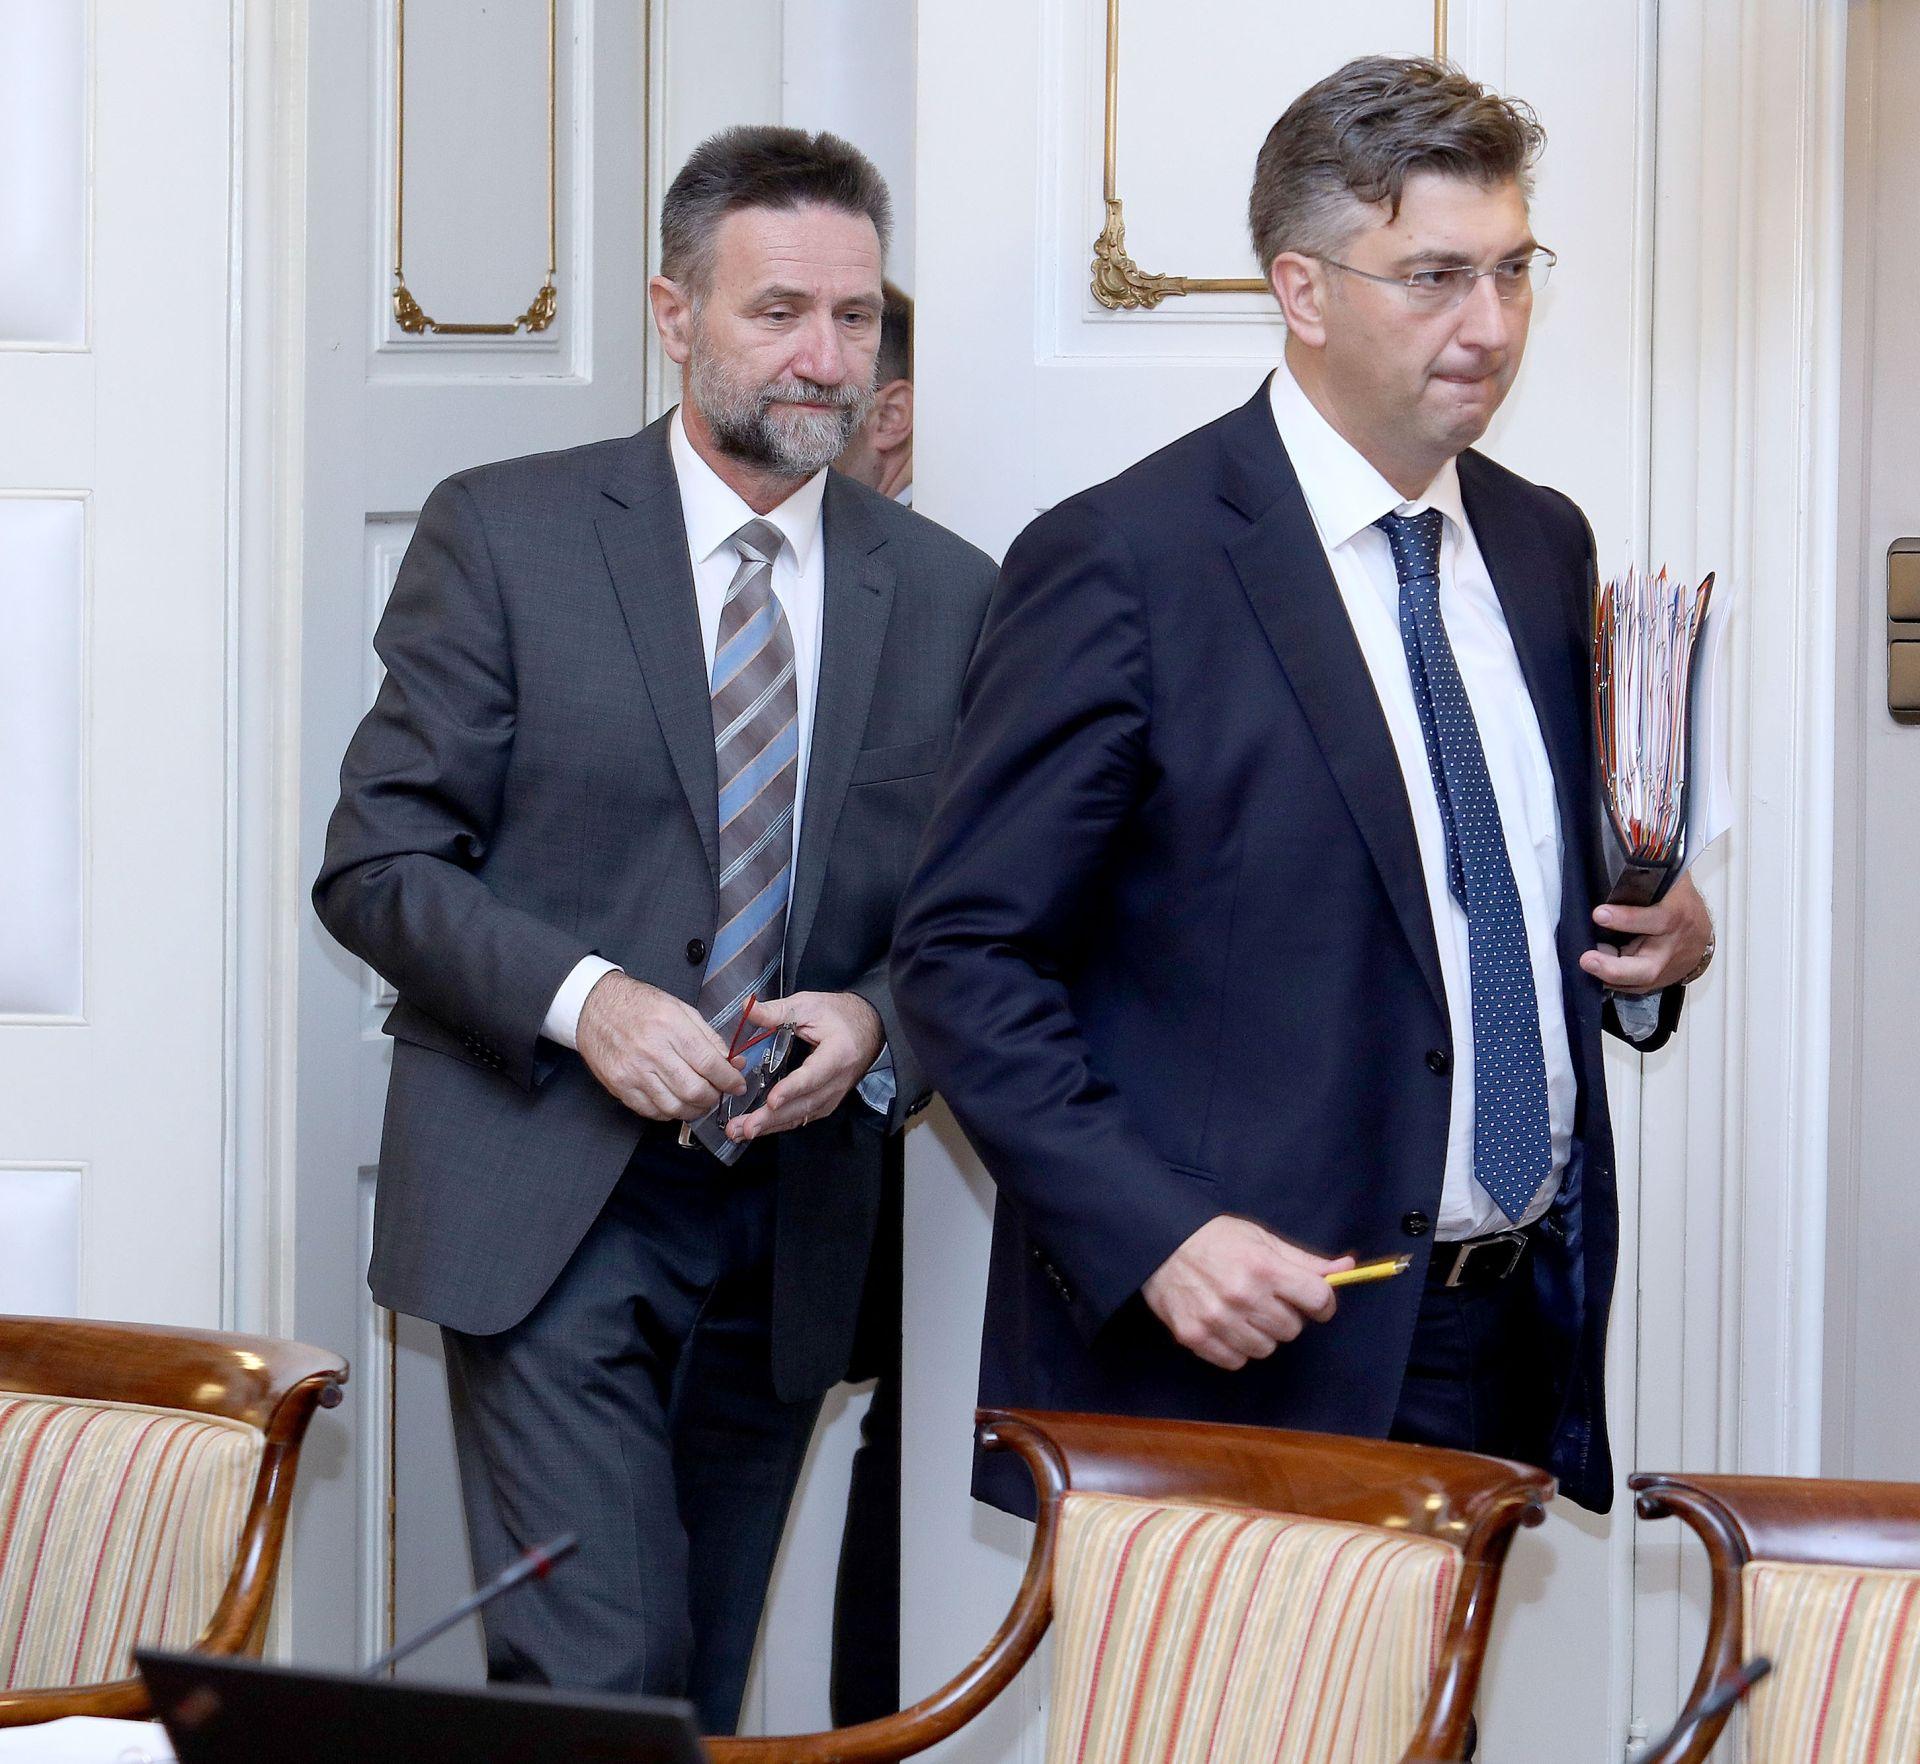 SLUČAJ PLAGIJAT: Vlada odbacuje prijedlog o iskazivanju nepovjerenja ministru Barišiću